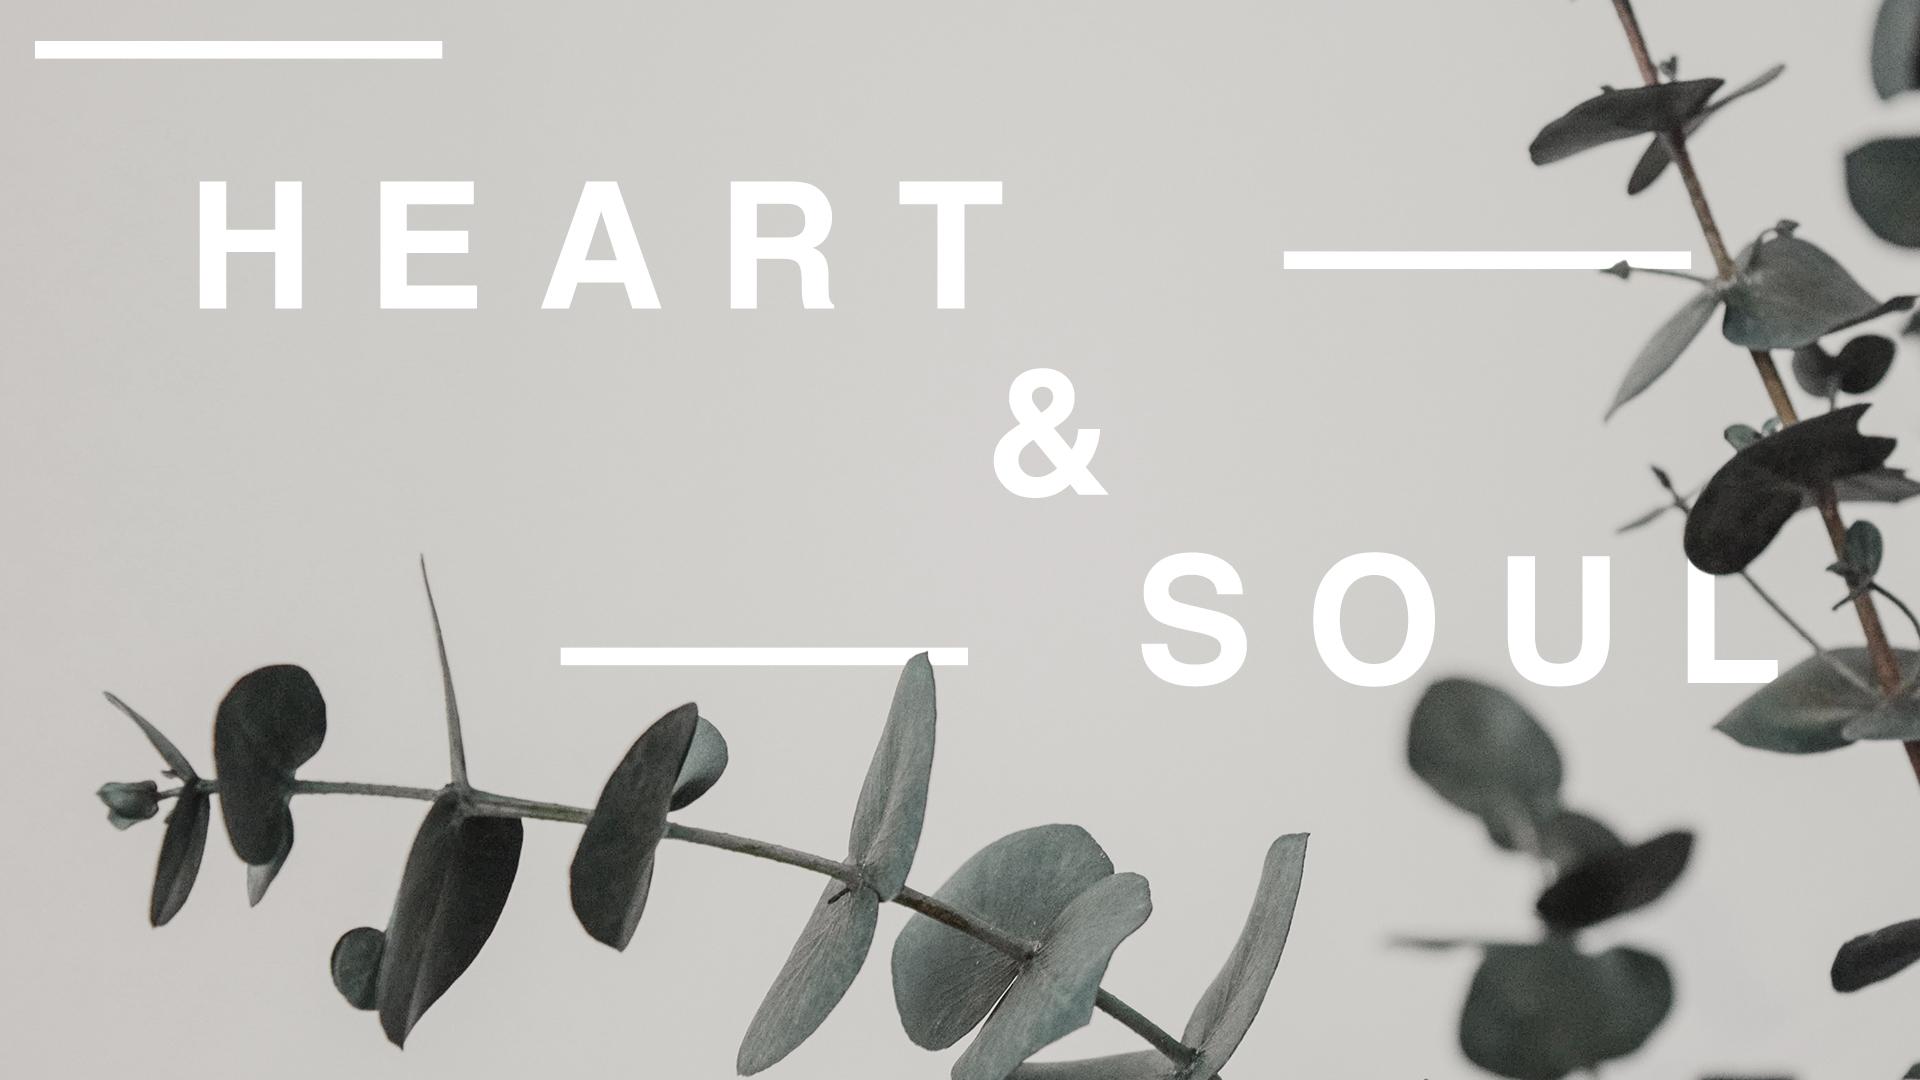 Heart & Soul.jpg